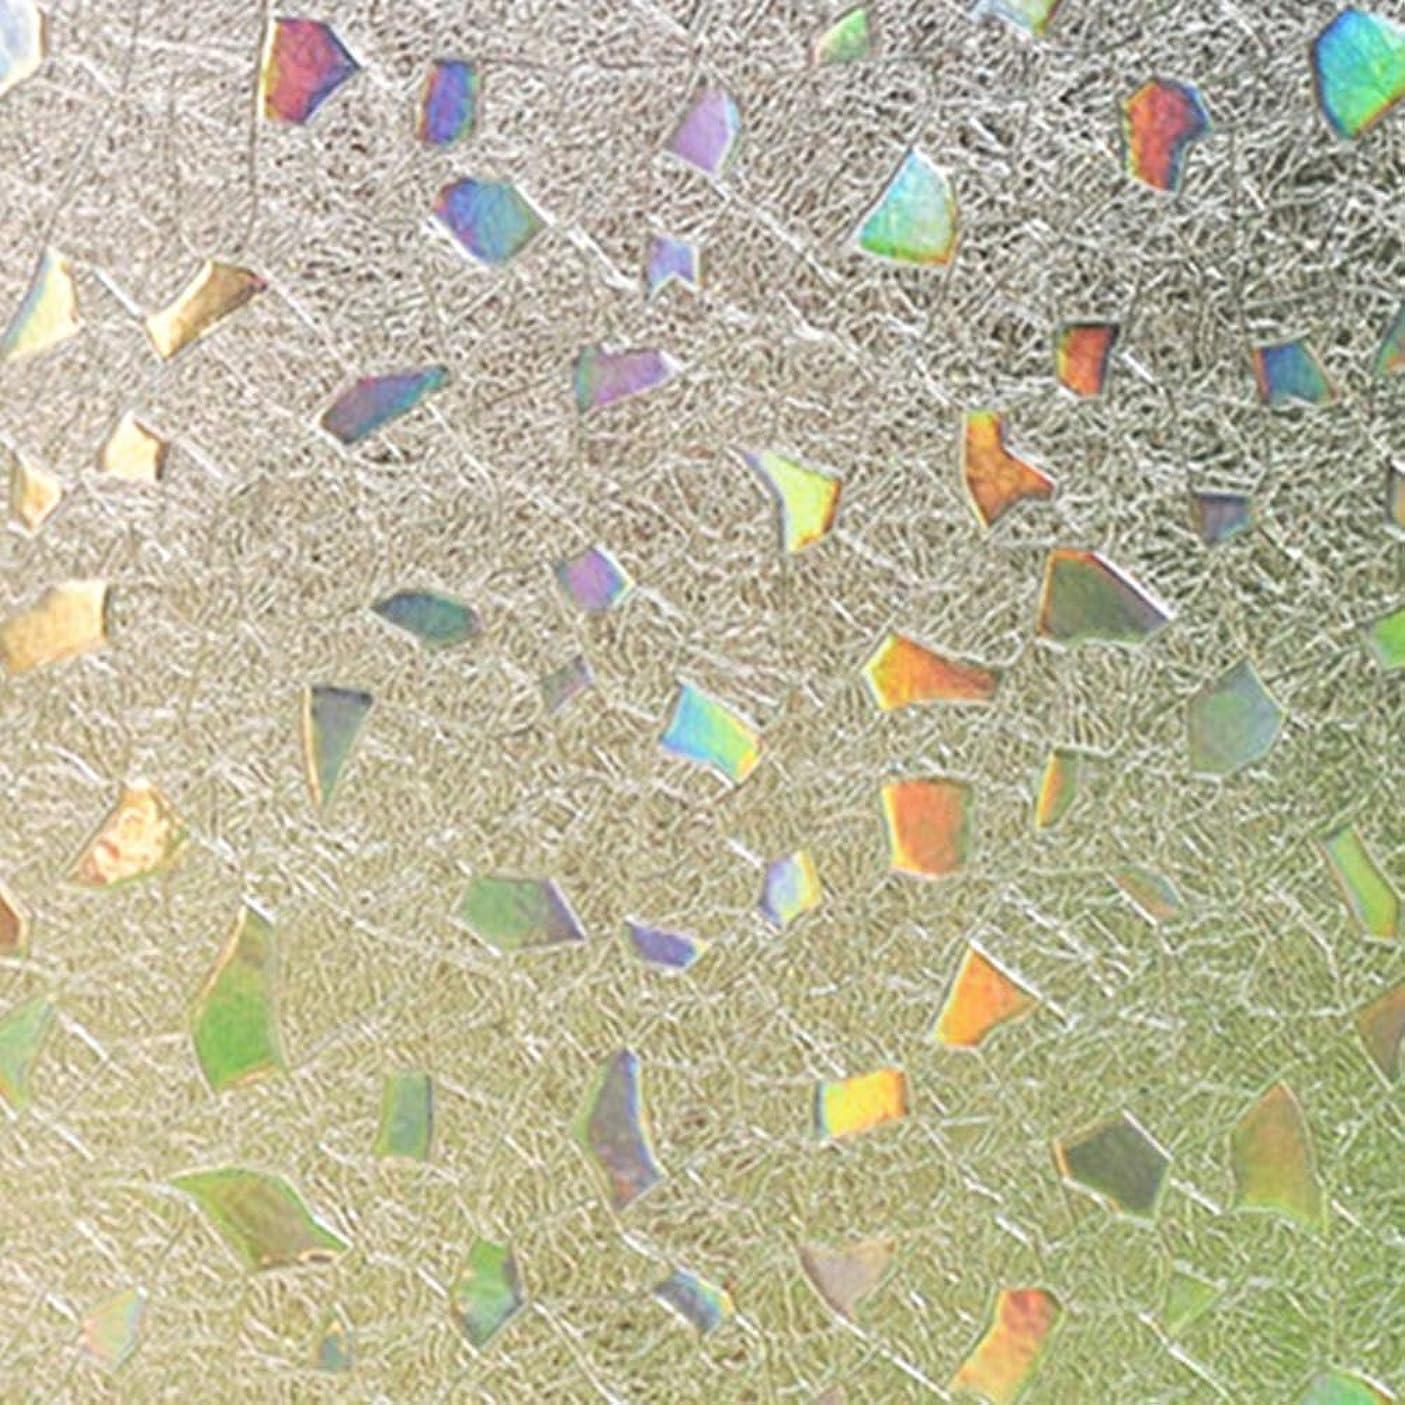 繁栄する解任言い直すHANSHAN 窓フィルム プライバシーウィンドウフィルム、キッチンのドアバルコニー35Inch×6Feetをスライディングなしのり窓加飾フィルム静的しがみつくステンドグラスの窓のフィルム半透明 (Color : C, Size : 47inch × 6feet)